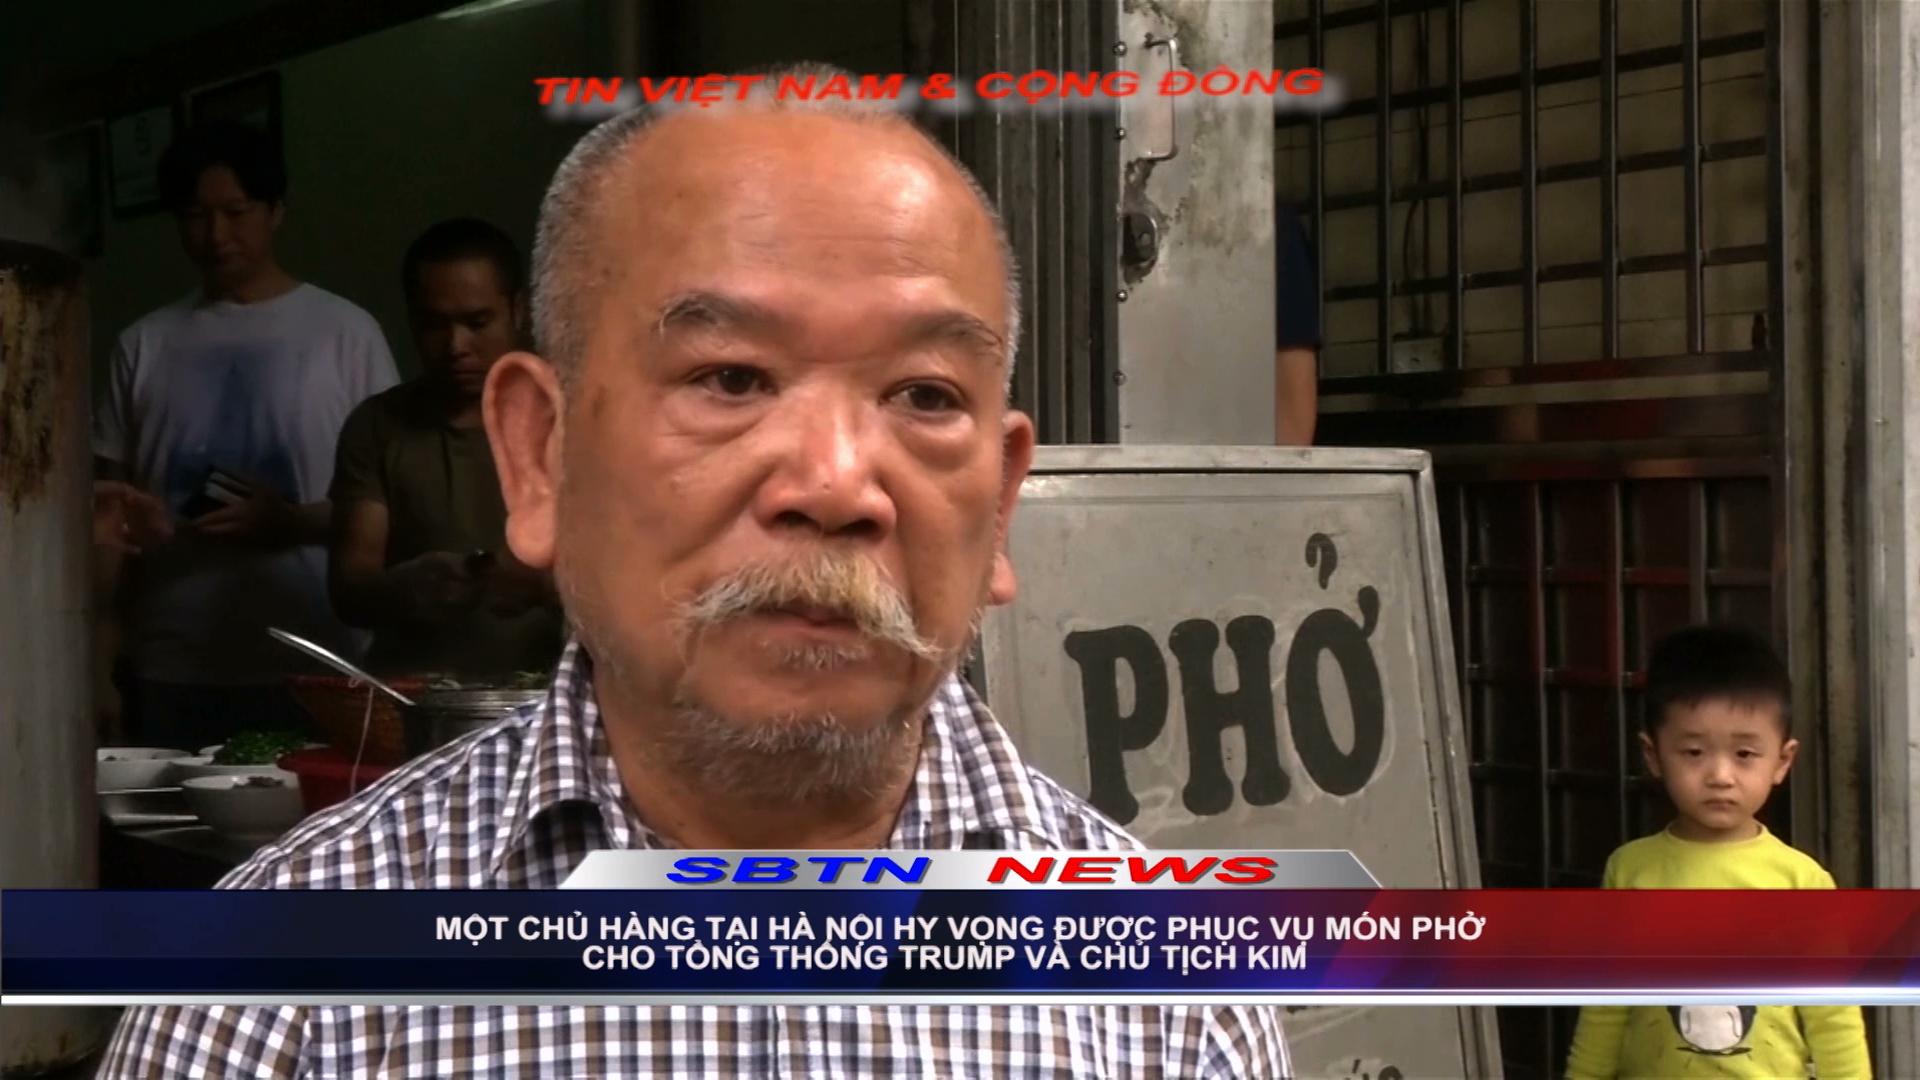 Chủ một nhà hàng tại Hà Nội hy vọng được phục vụ món phở cho Tổng thống Trump và Chủ tịch Kim